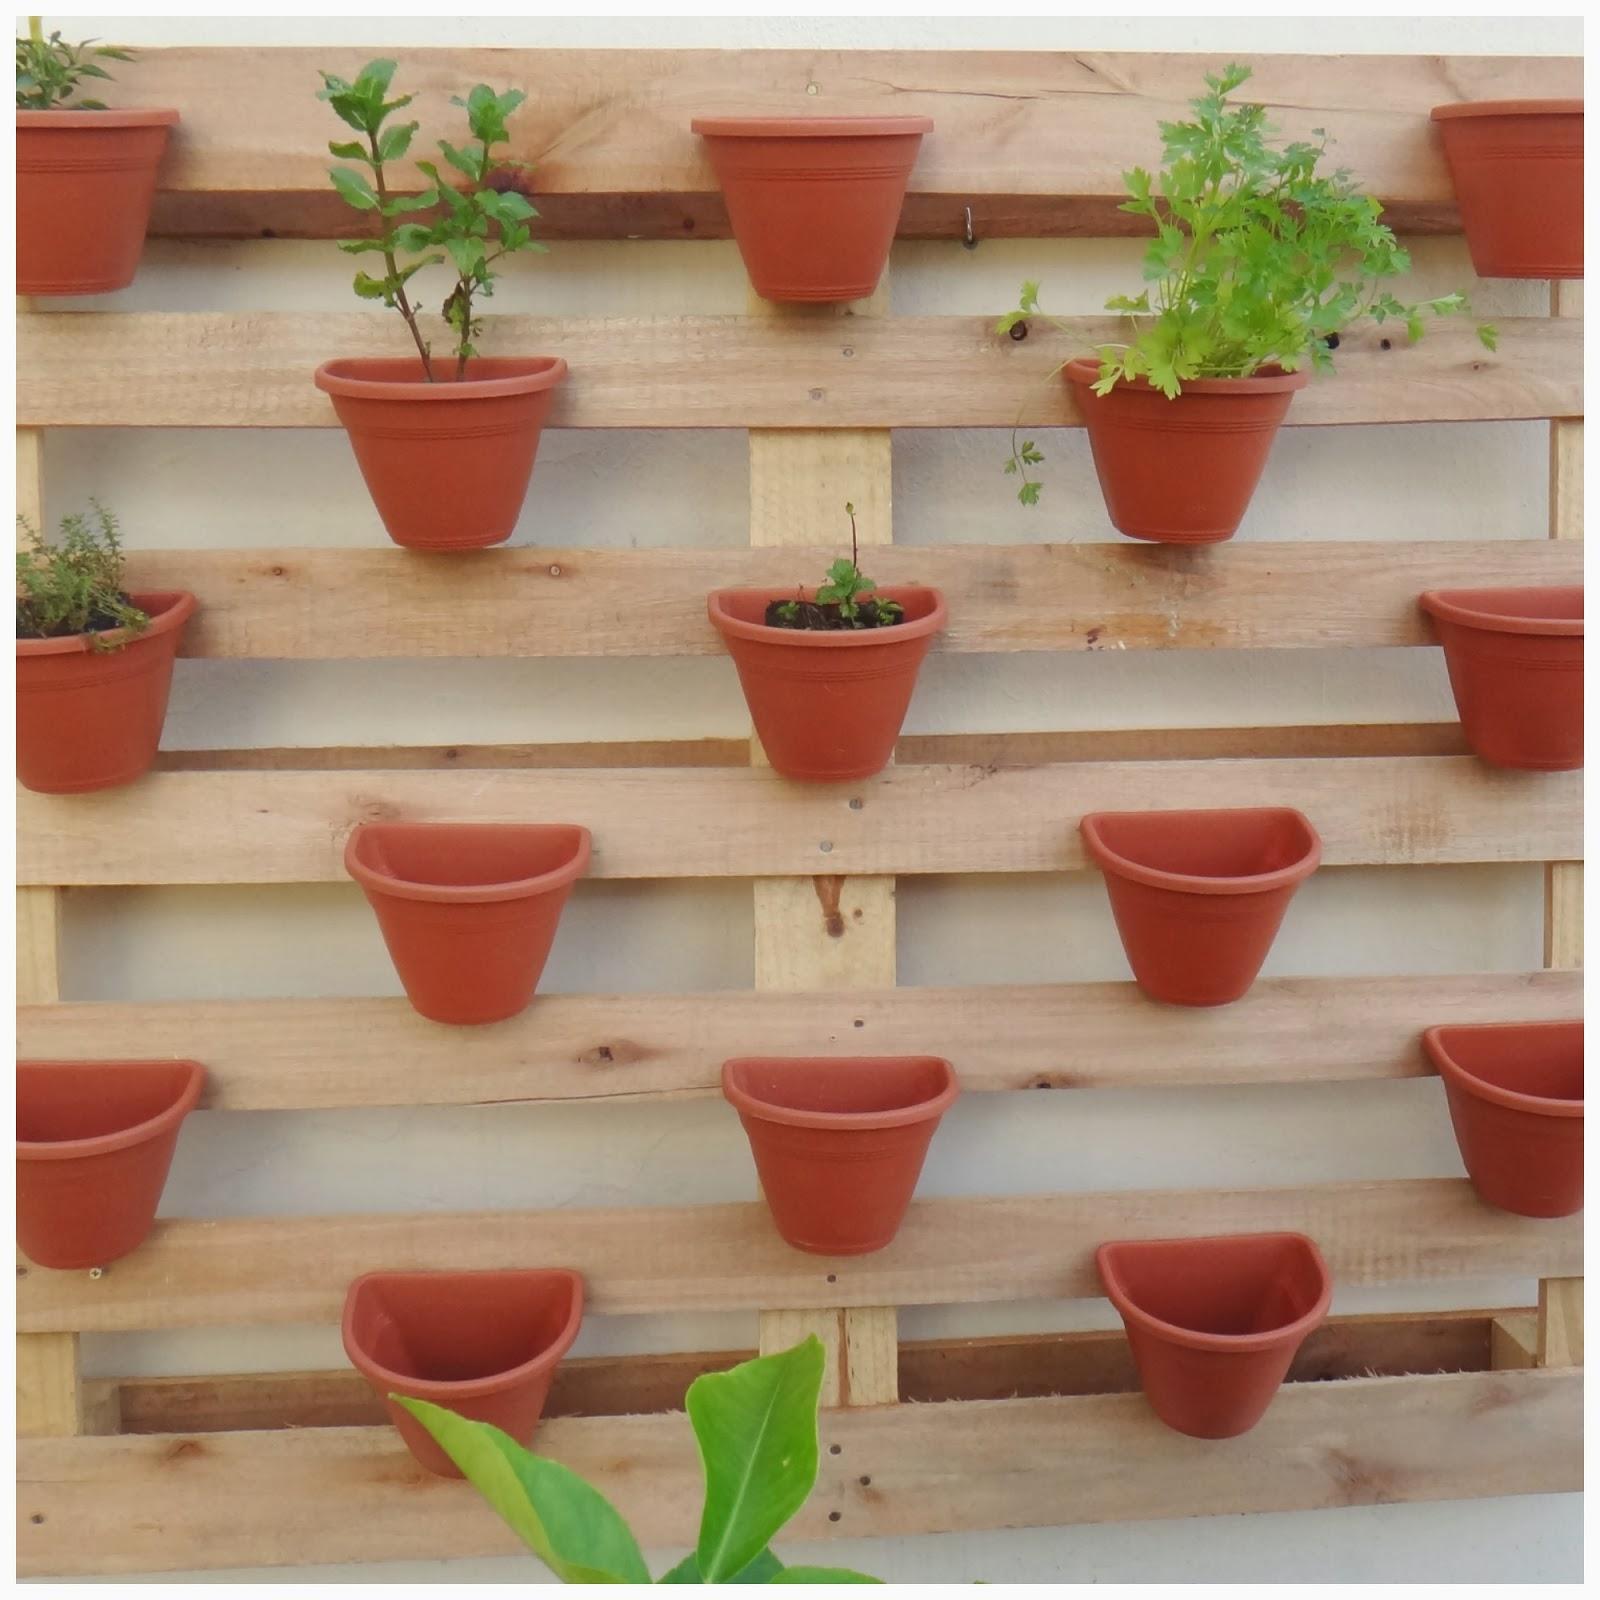 Montando uma mini horta caseira em um apartamento Pensamento Verde #4D7D1E 1600x1600